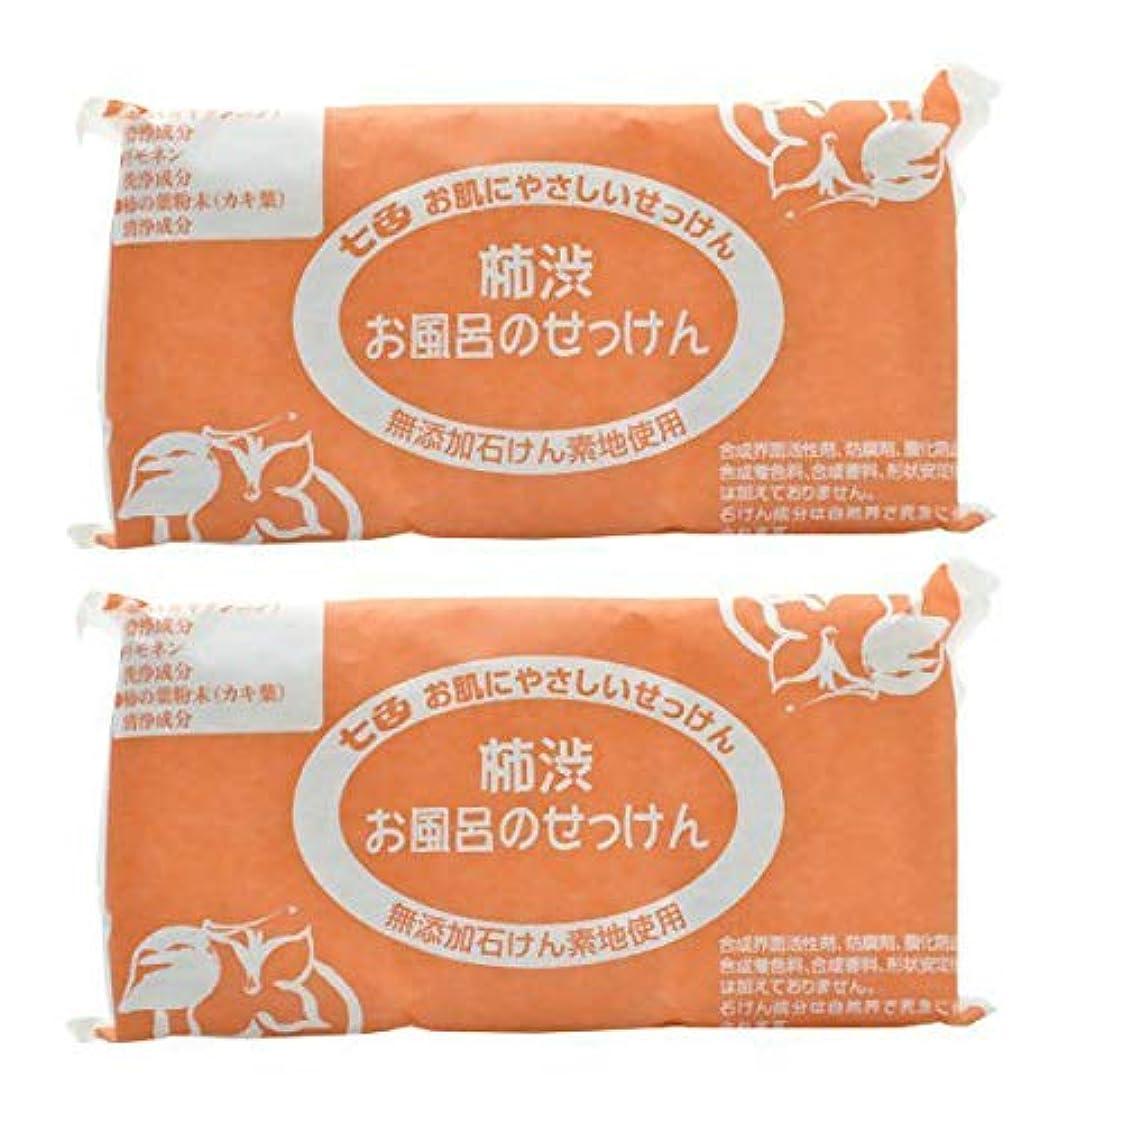 人里離れた幻影バレル七色 お風呂のせっけん 柿渋(無添加石鹸) 100g×3個入×2セット